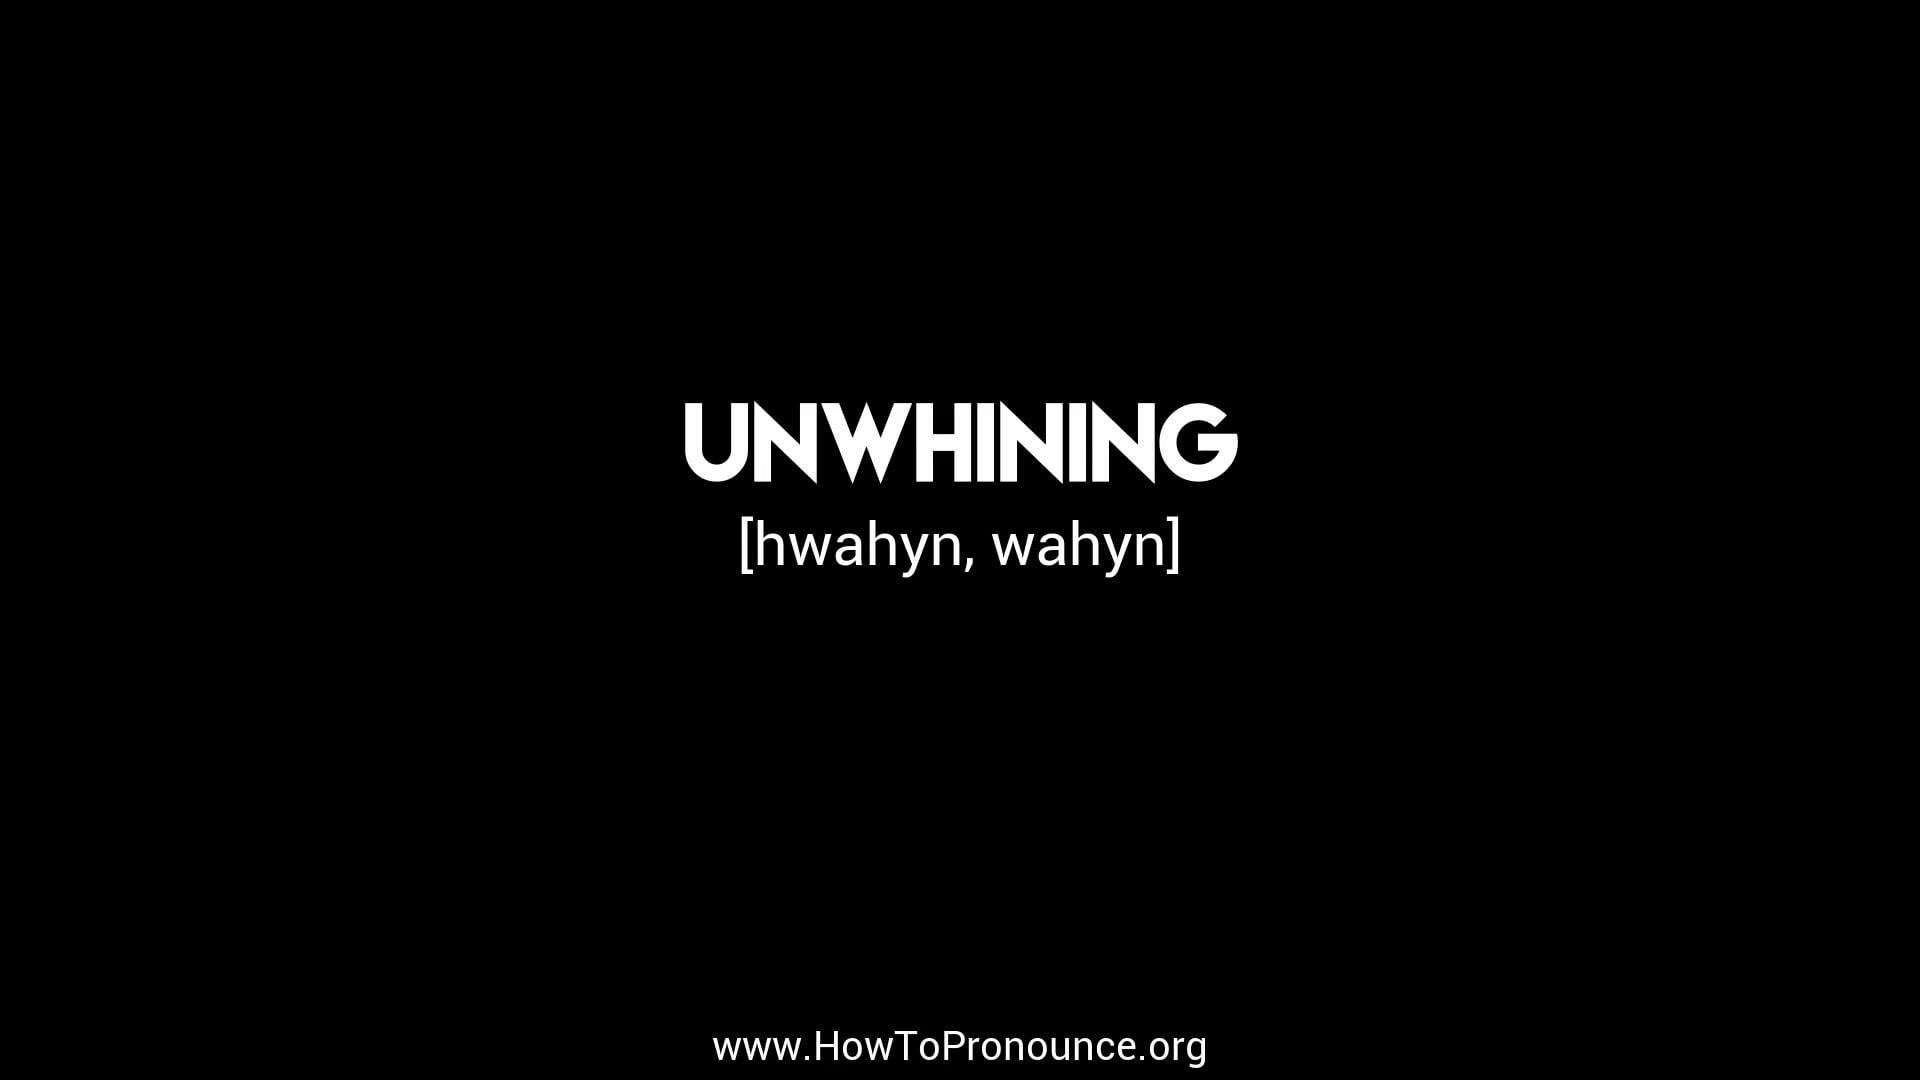 unwhining